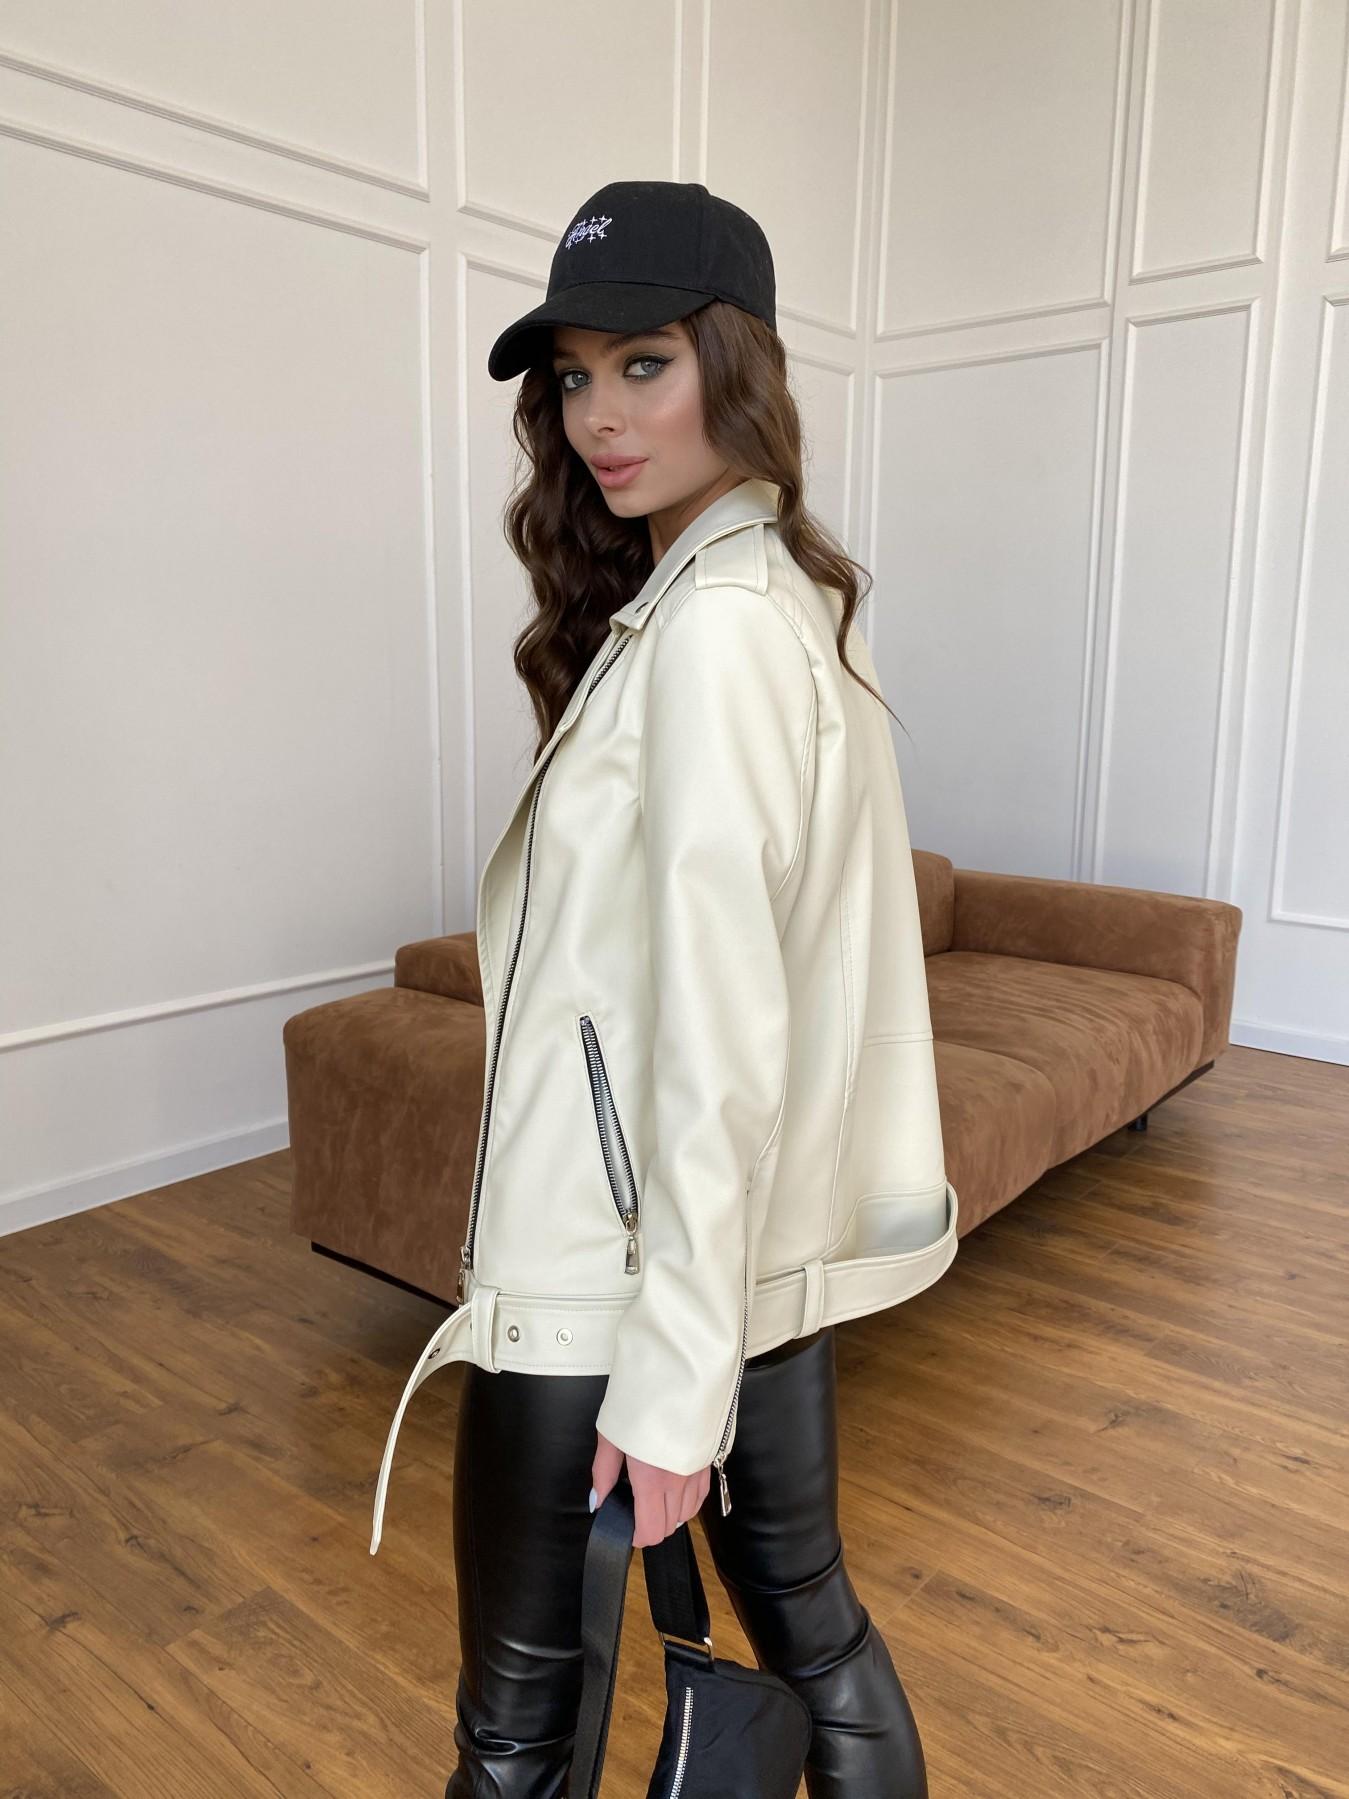 Босс куртка из экокожи прокатанной  11173 АРТ. 47771 Цвет: Бежевый Светлый - фото 6, интернет магазин tm-modus.ru